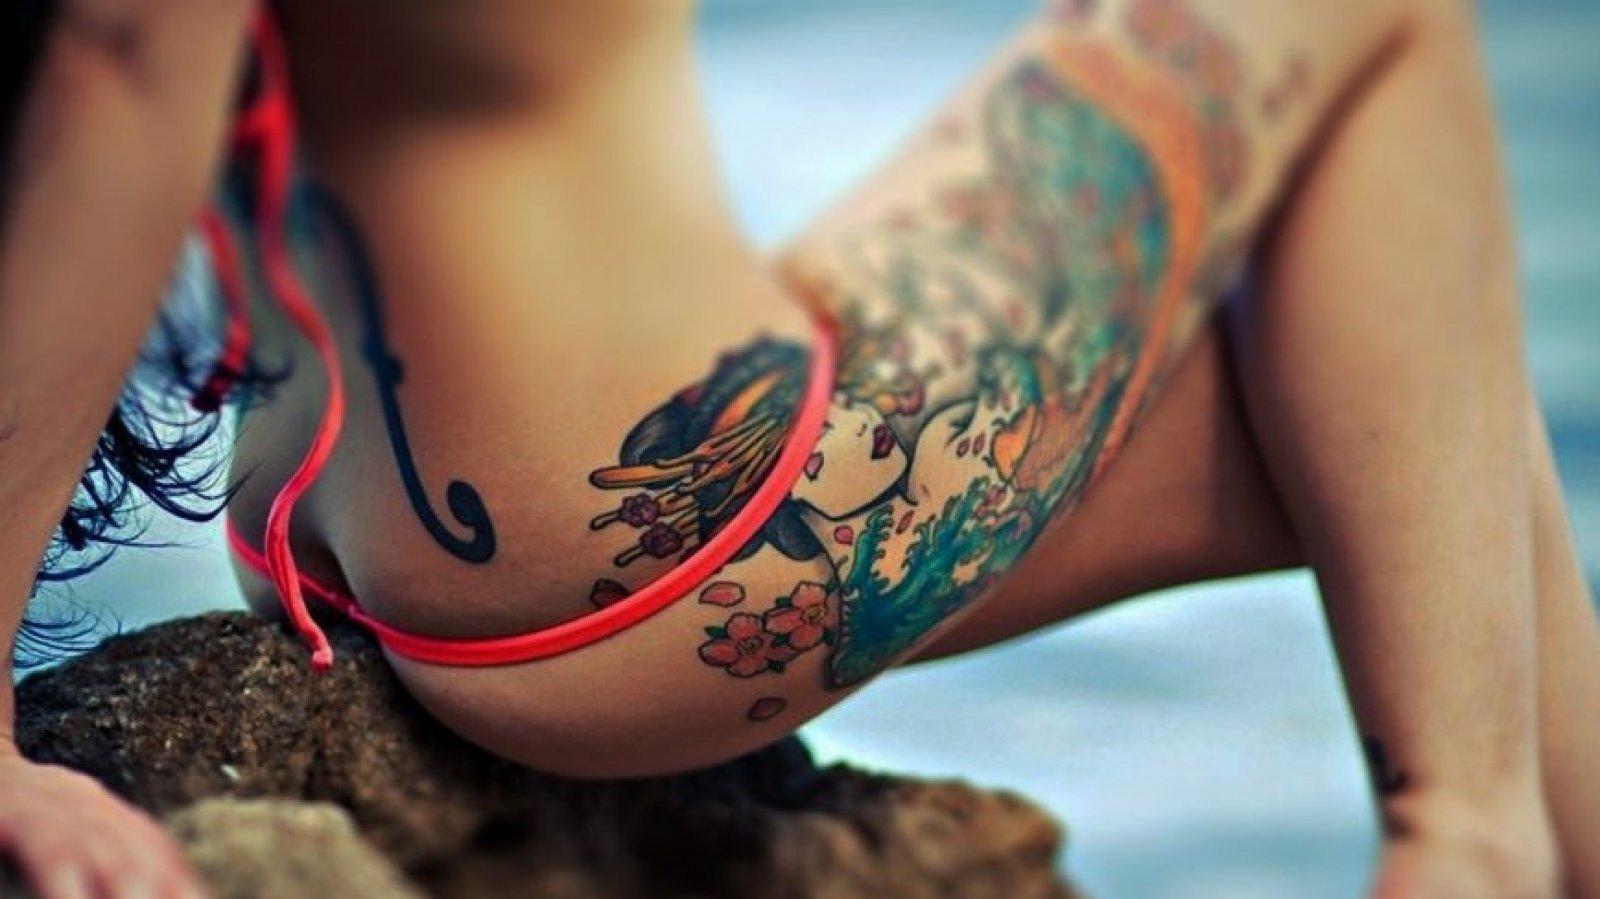 Tatuaje de estilo japonés.